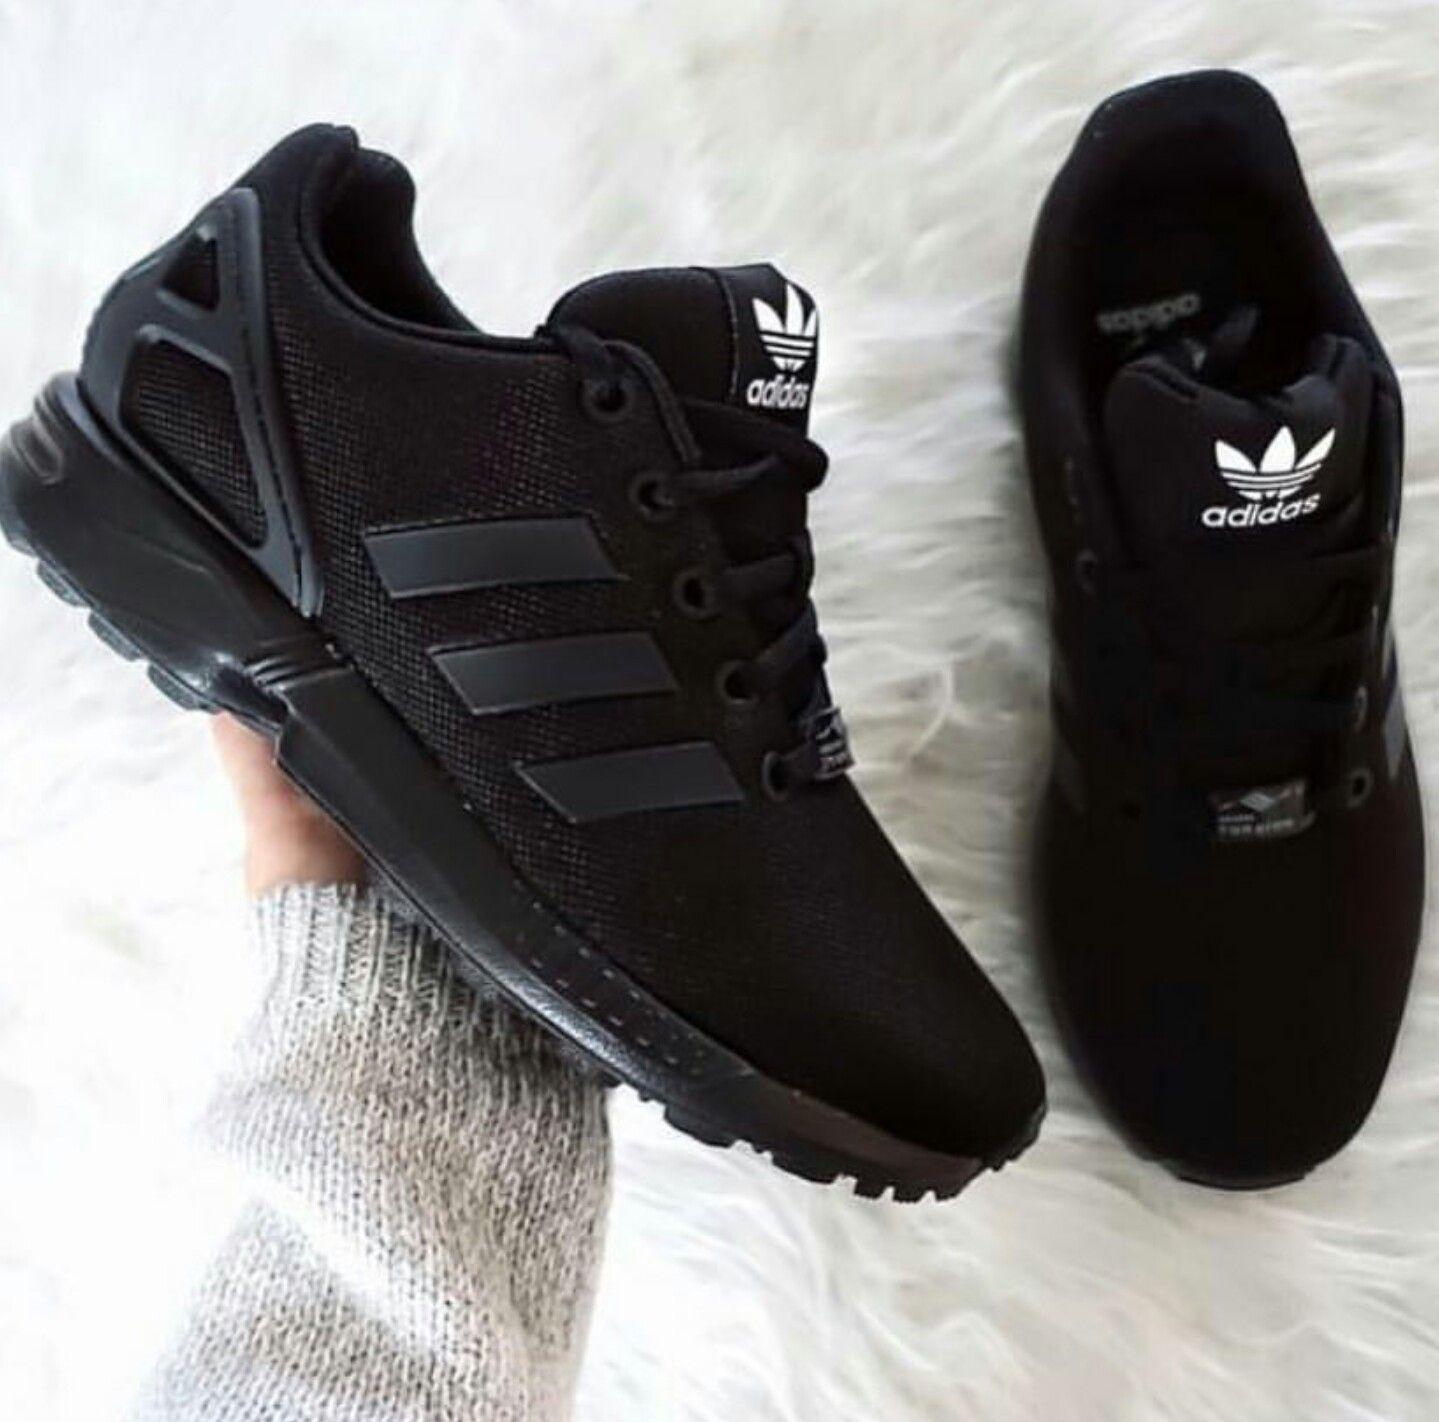 Comprar Adidas | Schuhe frauen, Schuhe für jugendliche und